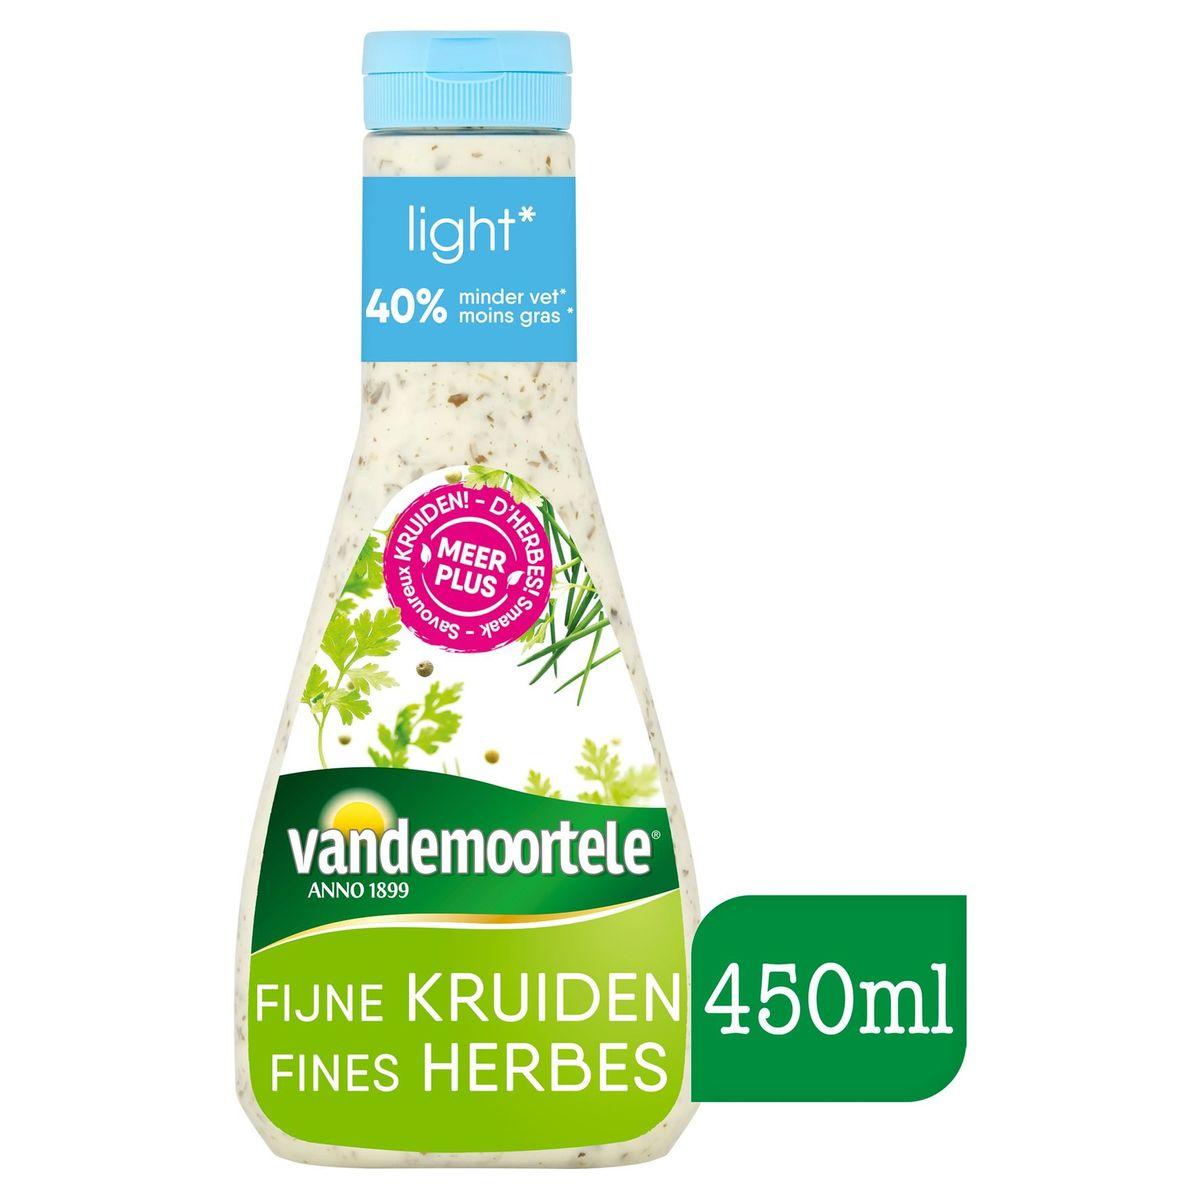 Vandemoortele Fijne Kruiden 450 ml